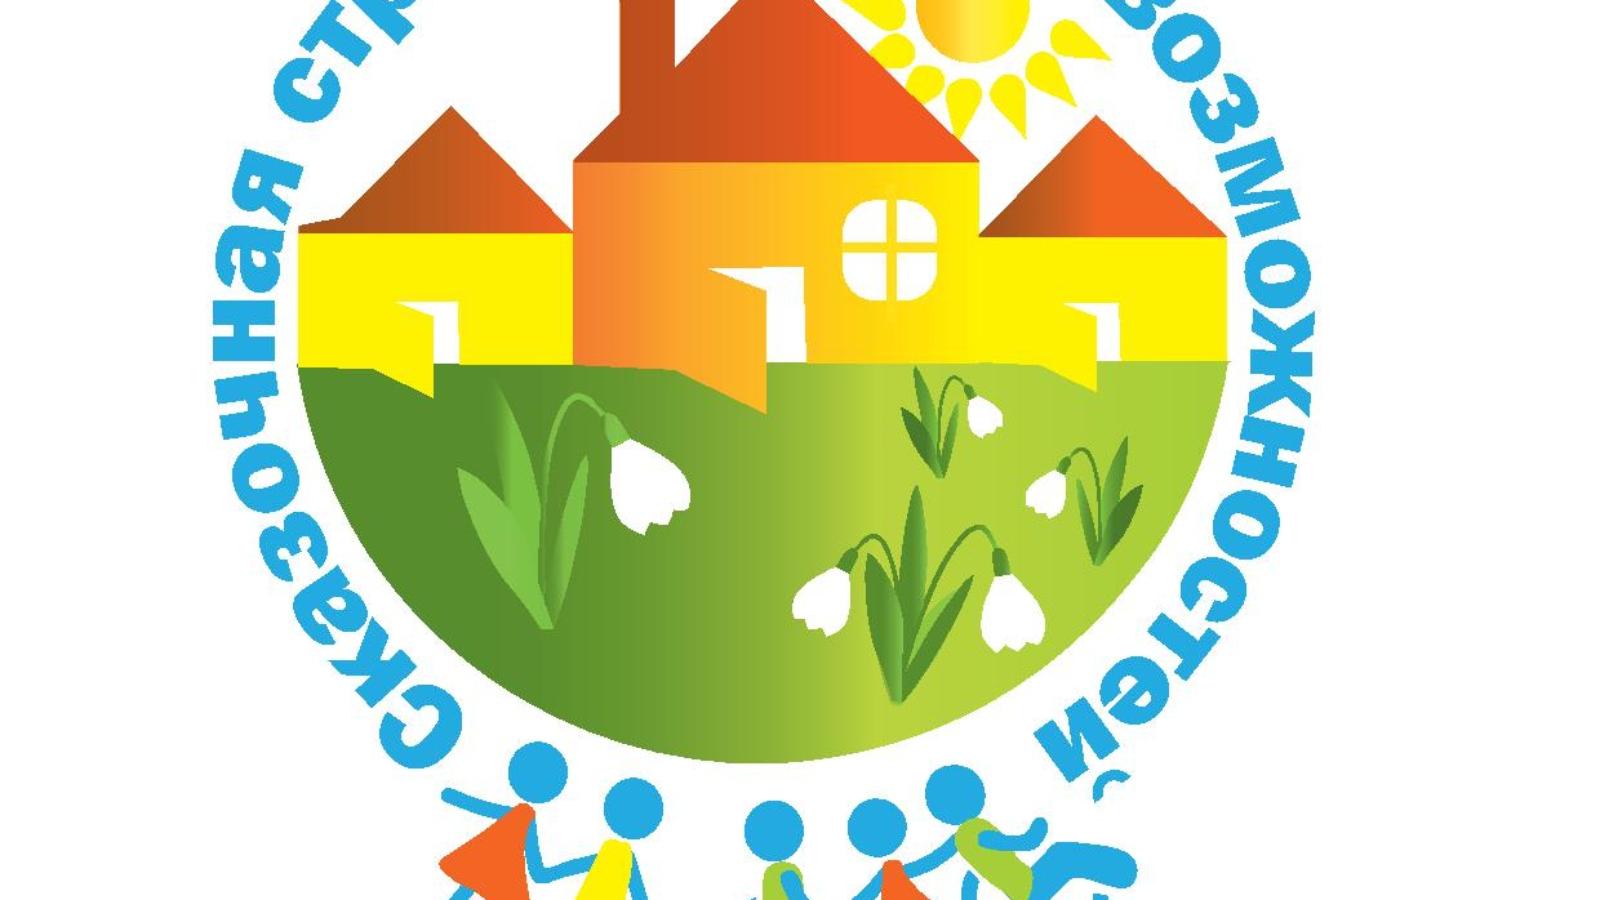 Логотип проекта 1